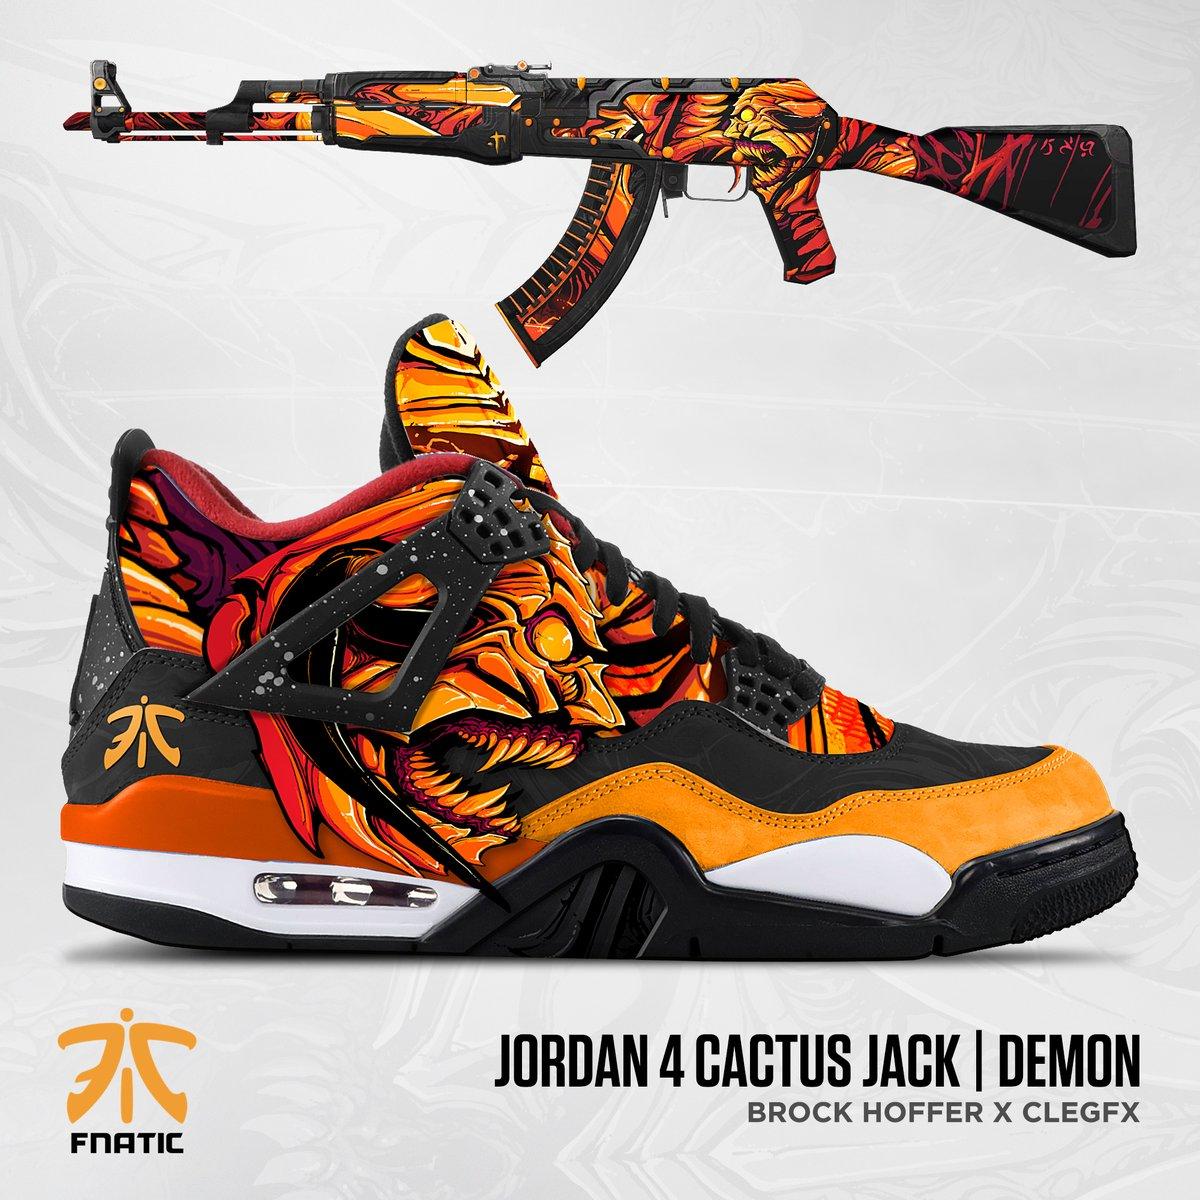 Fnatic is hosting a custom sneaker